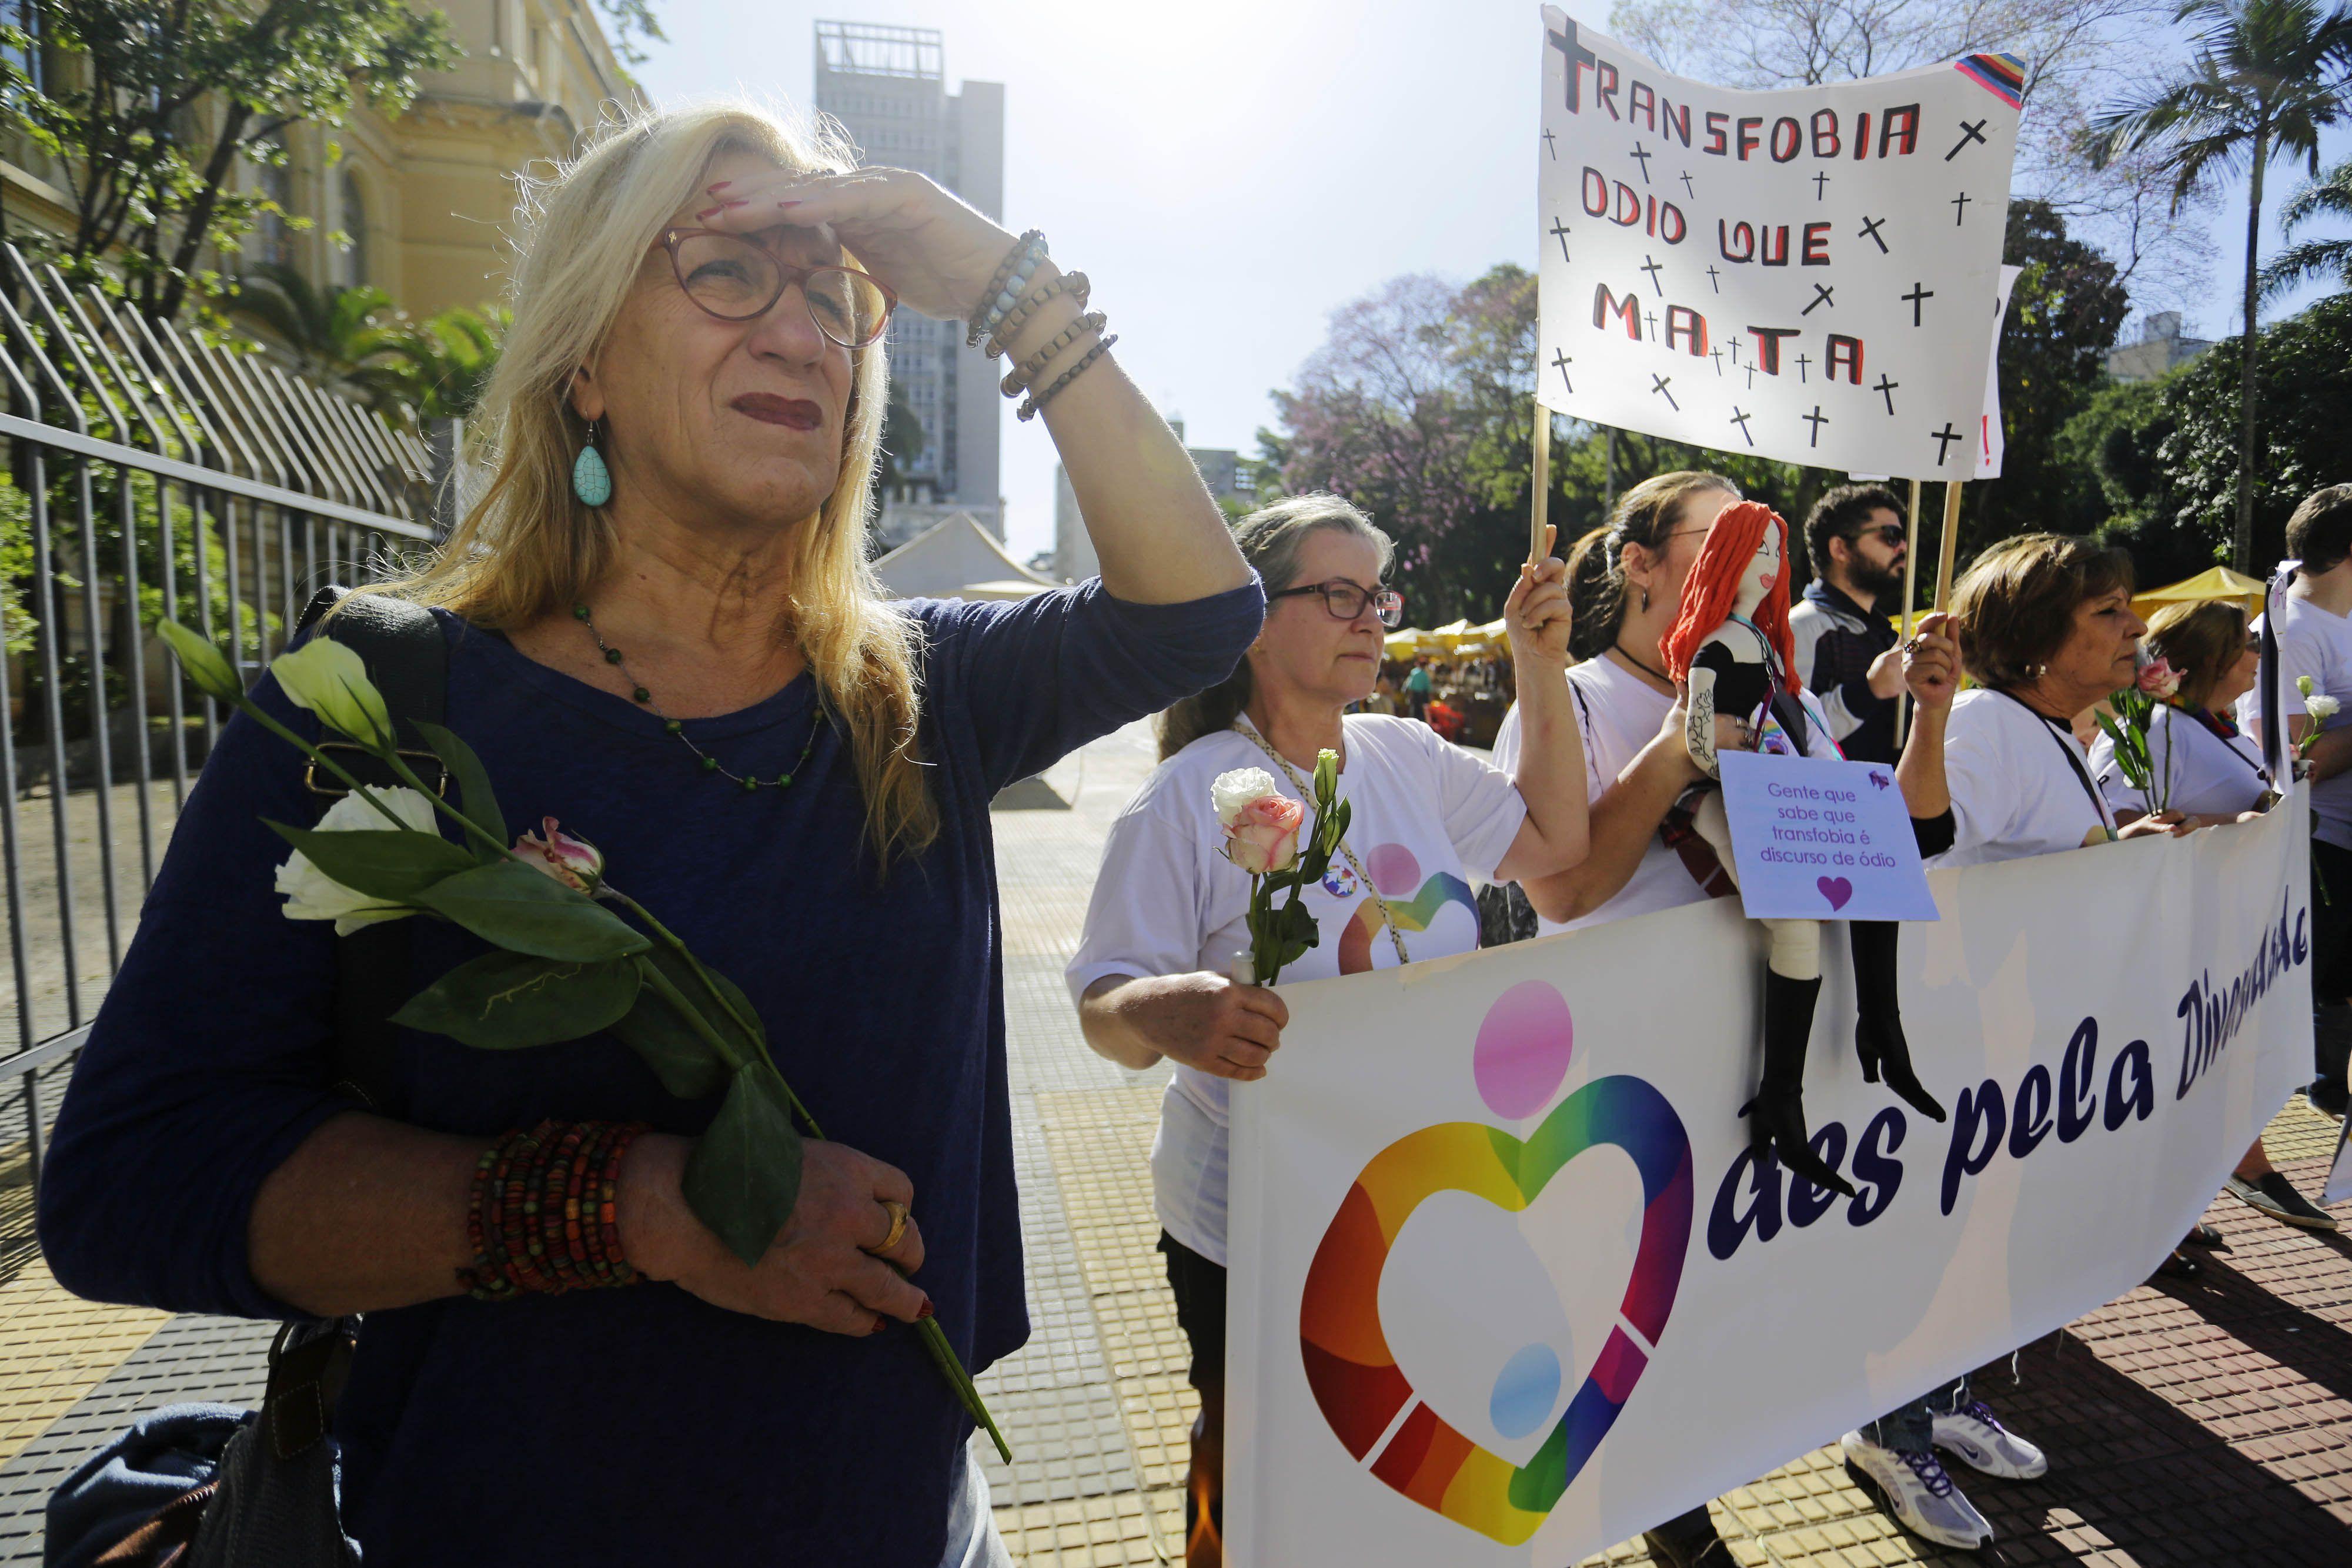 Laerte participa de manifestação contra a transfobia / Folhapress